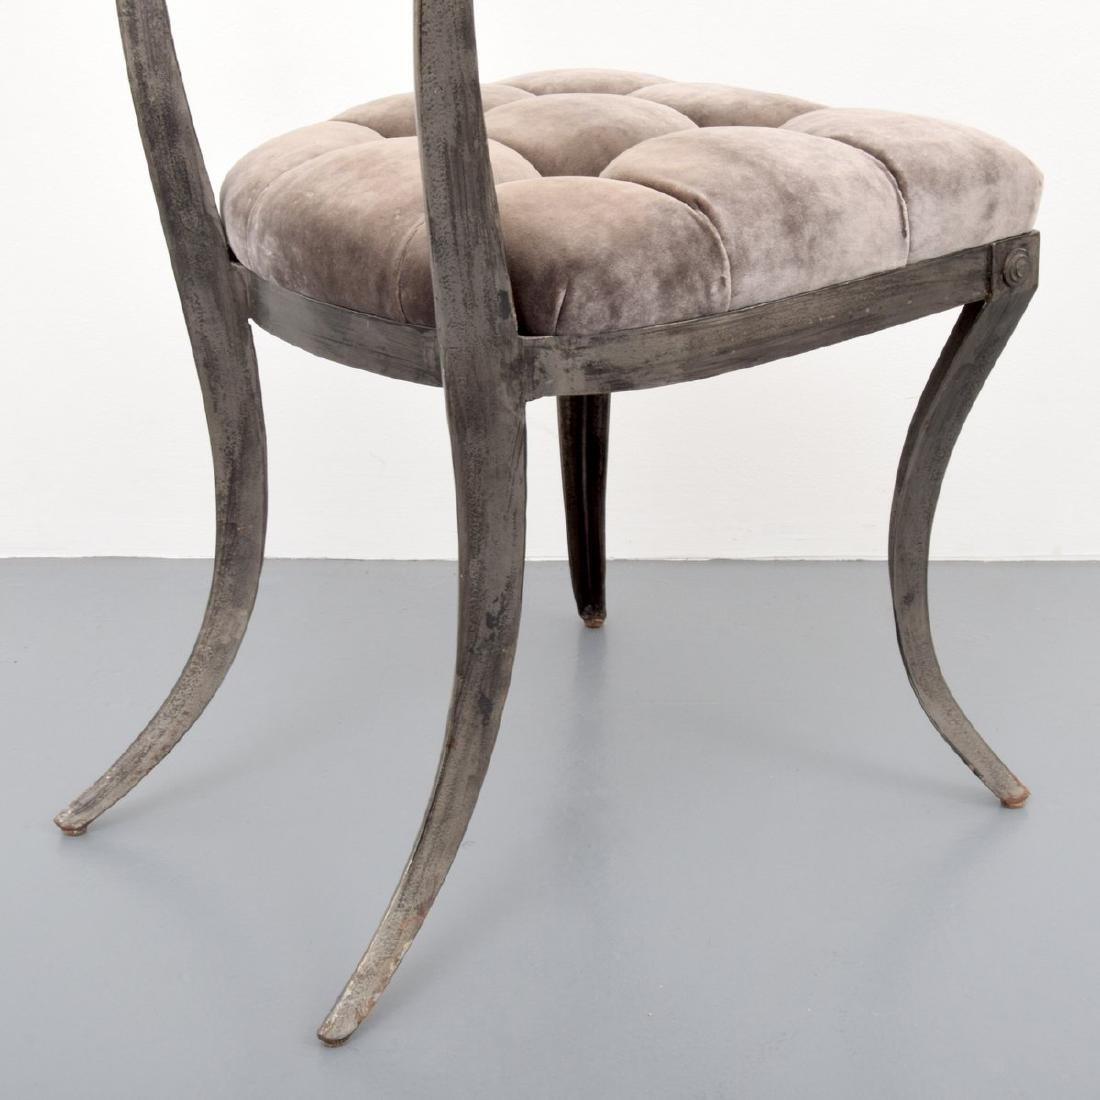 4 Klismos Chairs, Manner of T.H. Robsjohn-Gibbings - 6